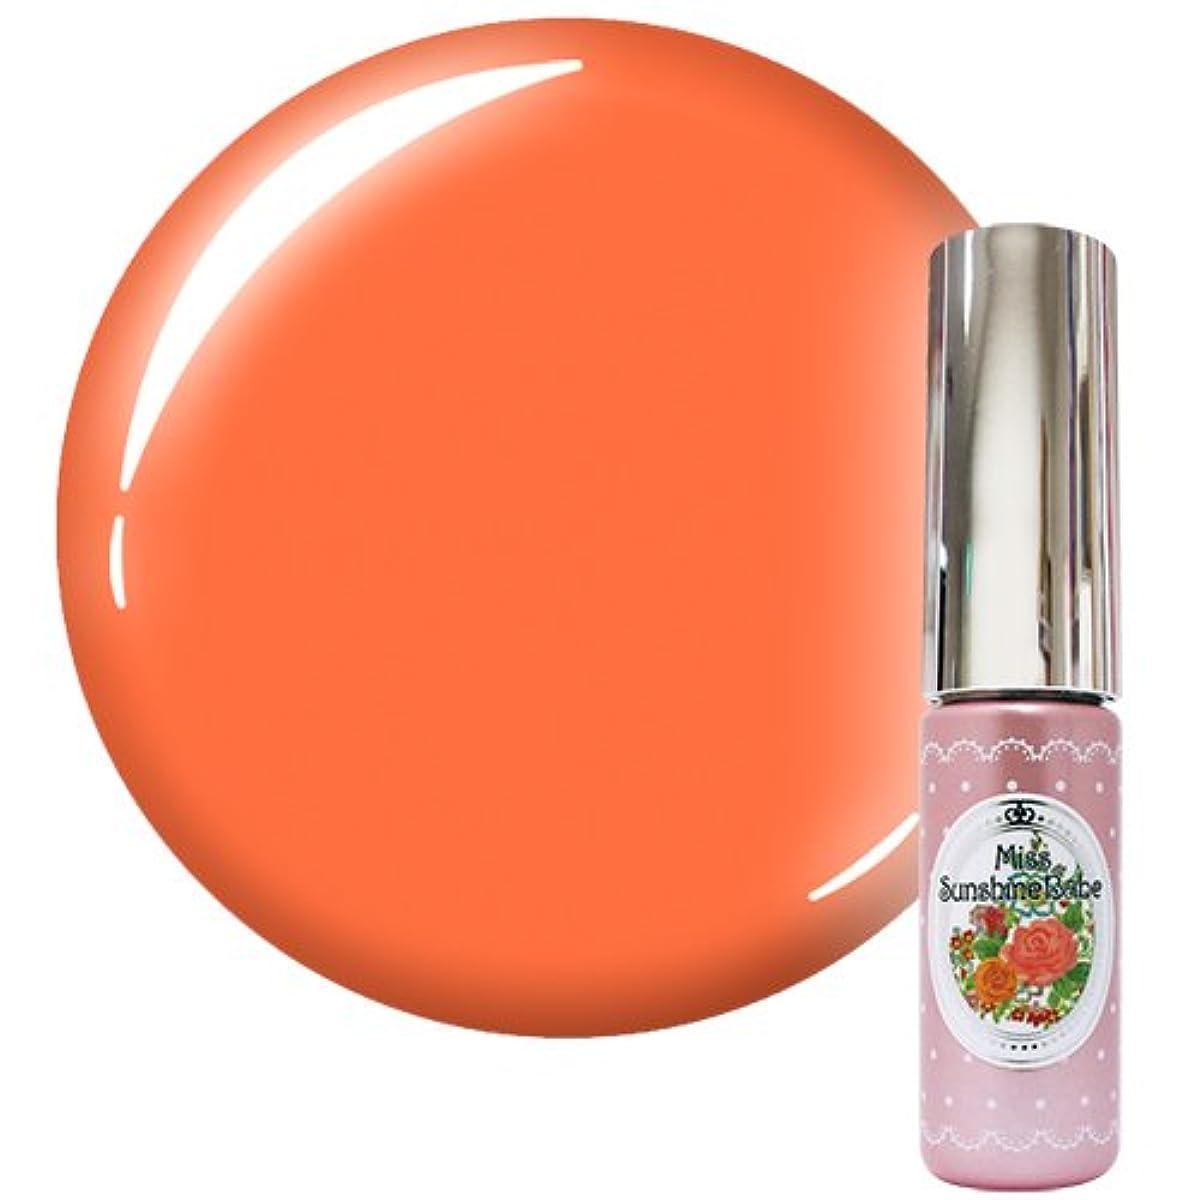 分析する企業深くMiss SunshineBabe ミス サンシャインベビー カラージェル MC-33 5g サマーパステルオレンジ